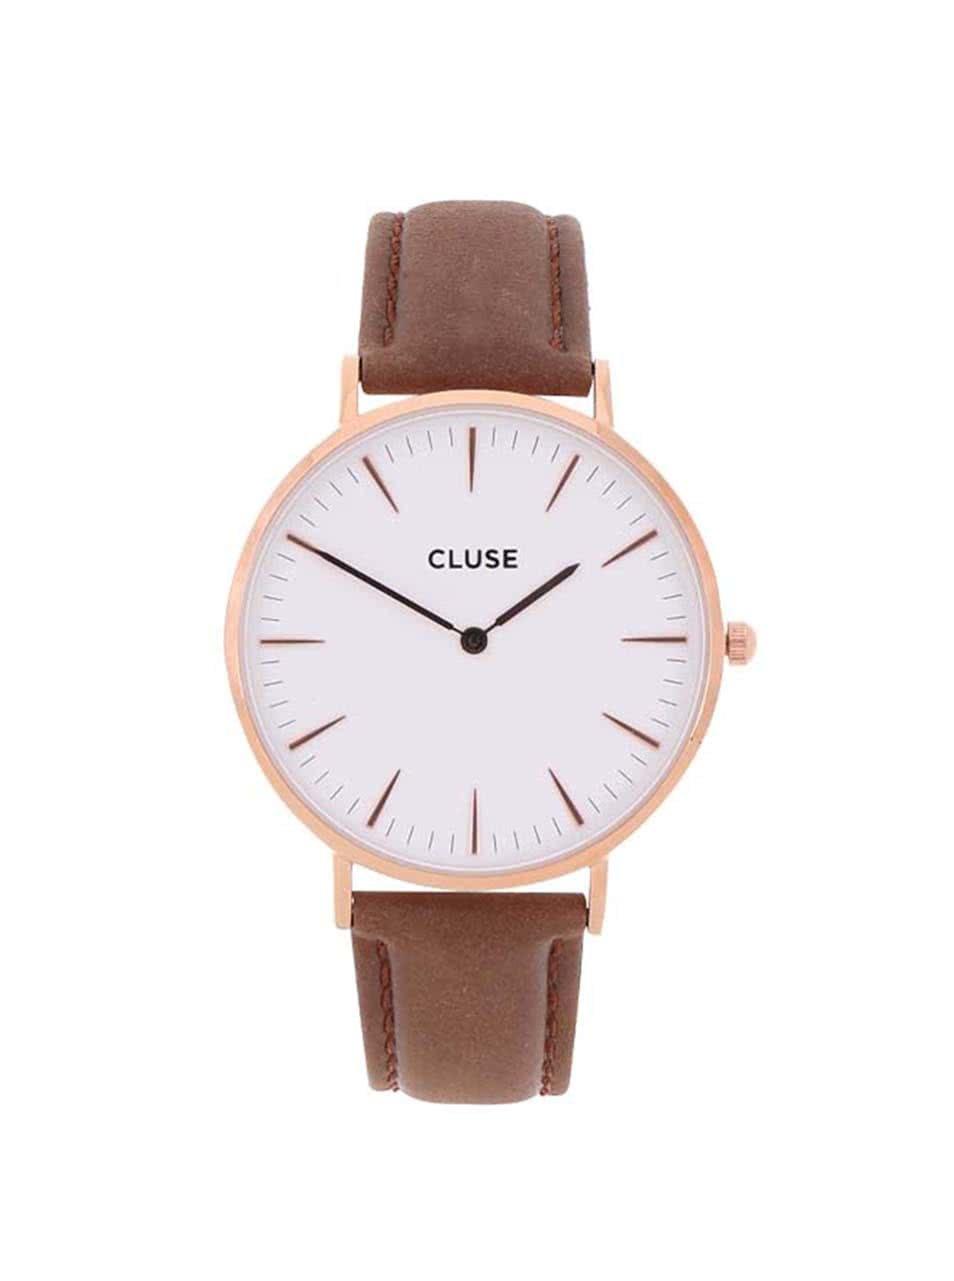 a9e131c2a94 Bílé unisex hodinky s tmavě hnědým koženým páskem CLUSE La Bohème Rose Gold  ...